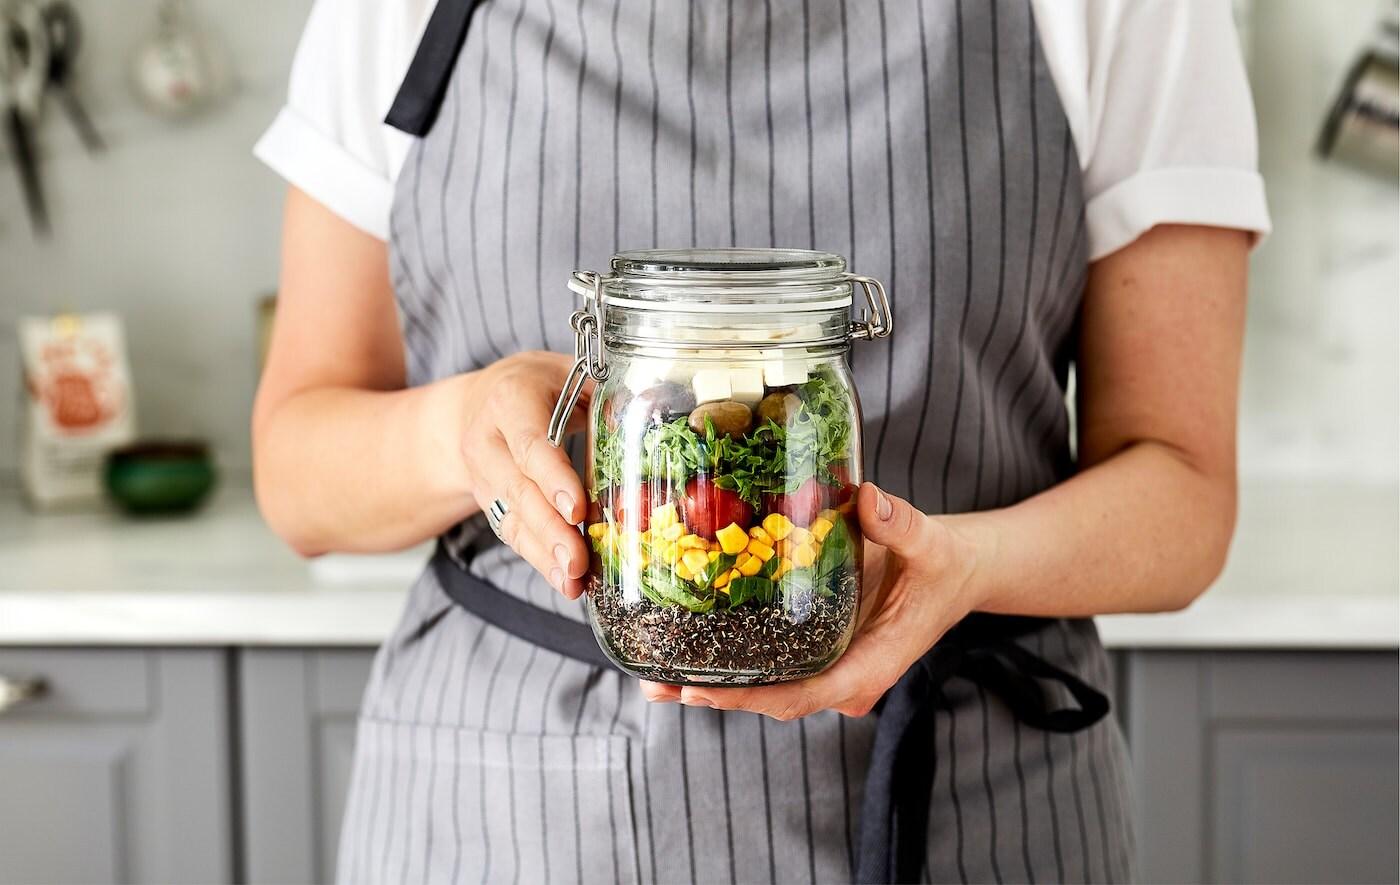 امرأة ترتدي مريلة تقف في المطبخ، تحمل بيديها مرطبان زجاجي طويل مليئ بسلطة من طبقات ملونة.